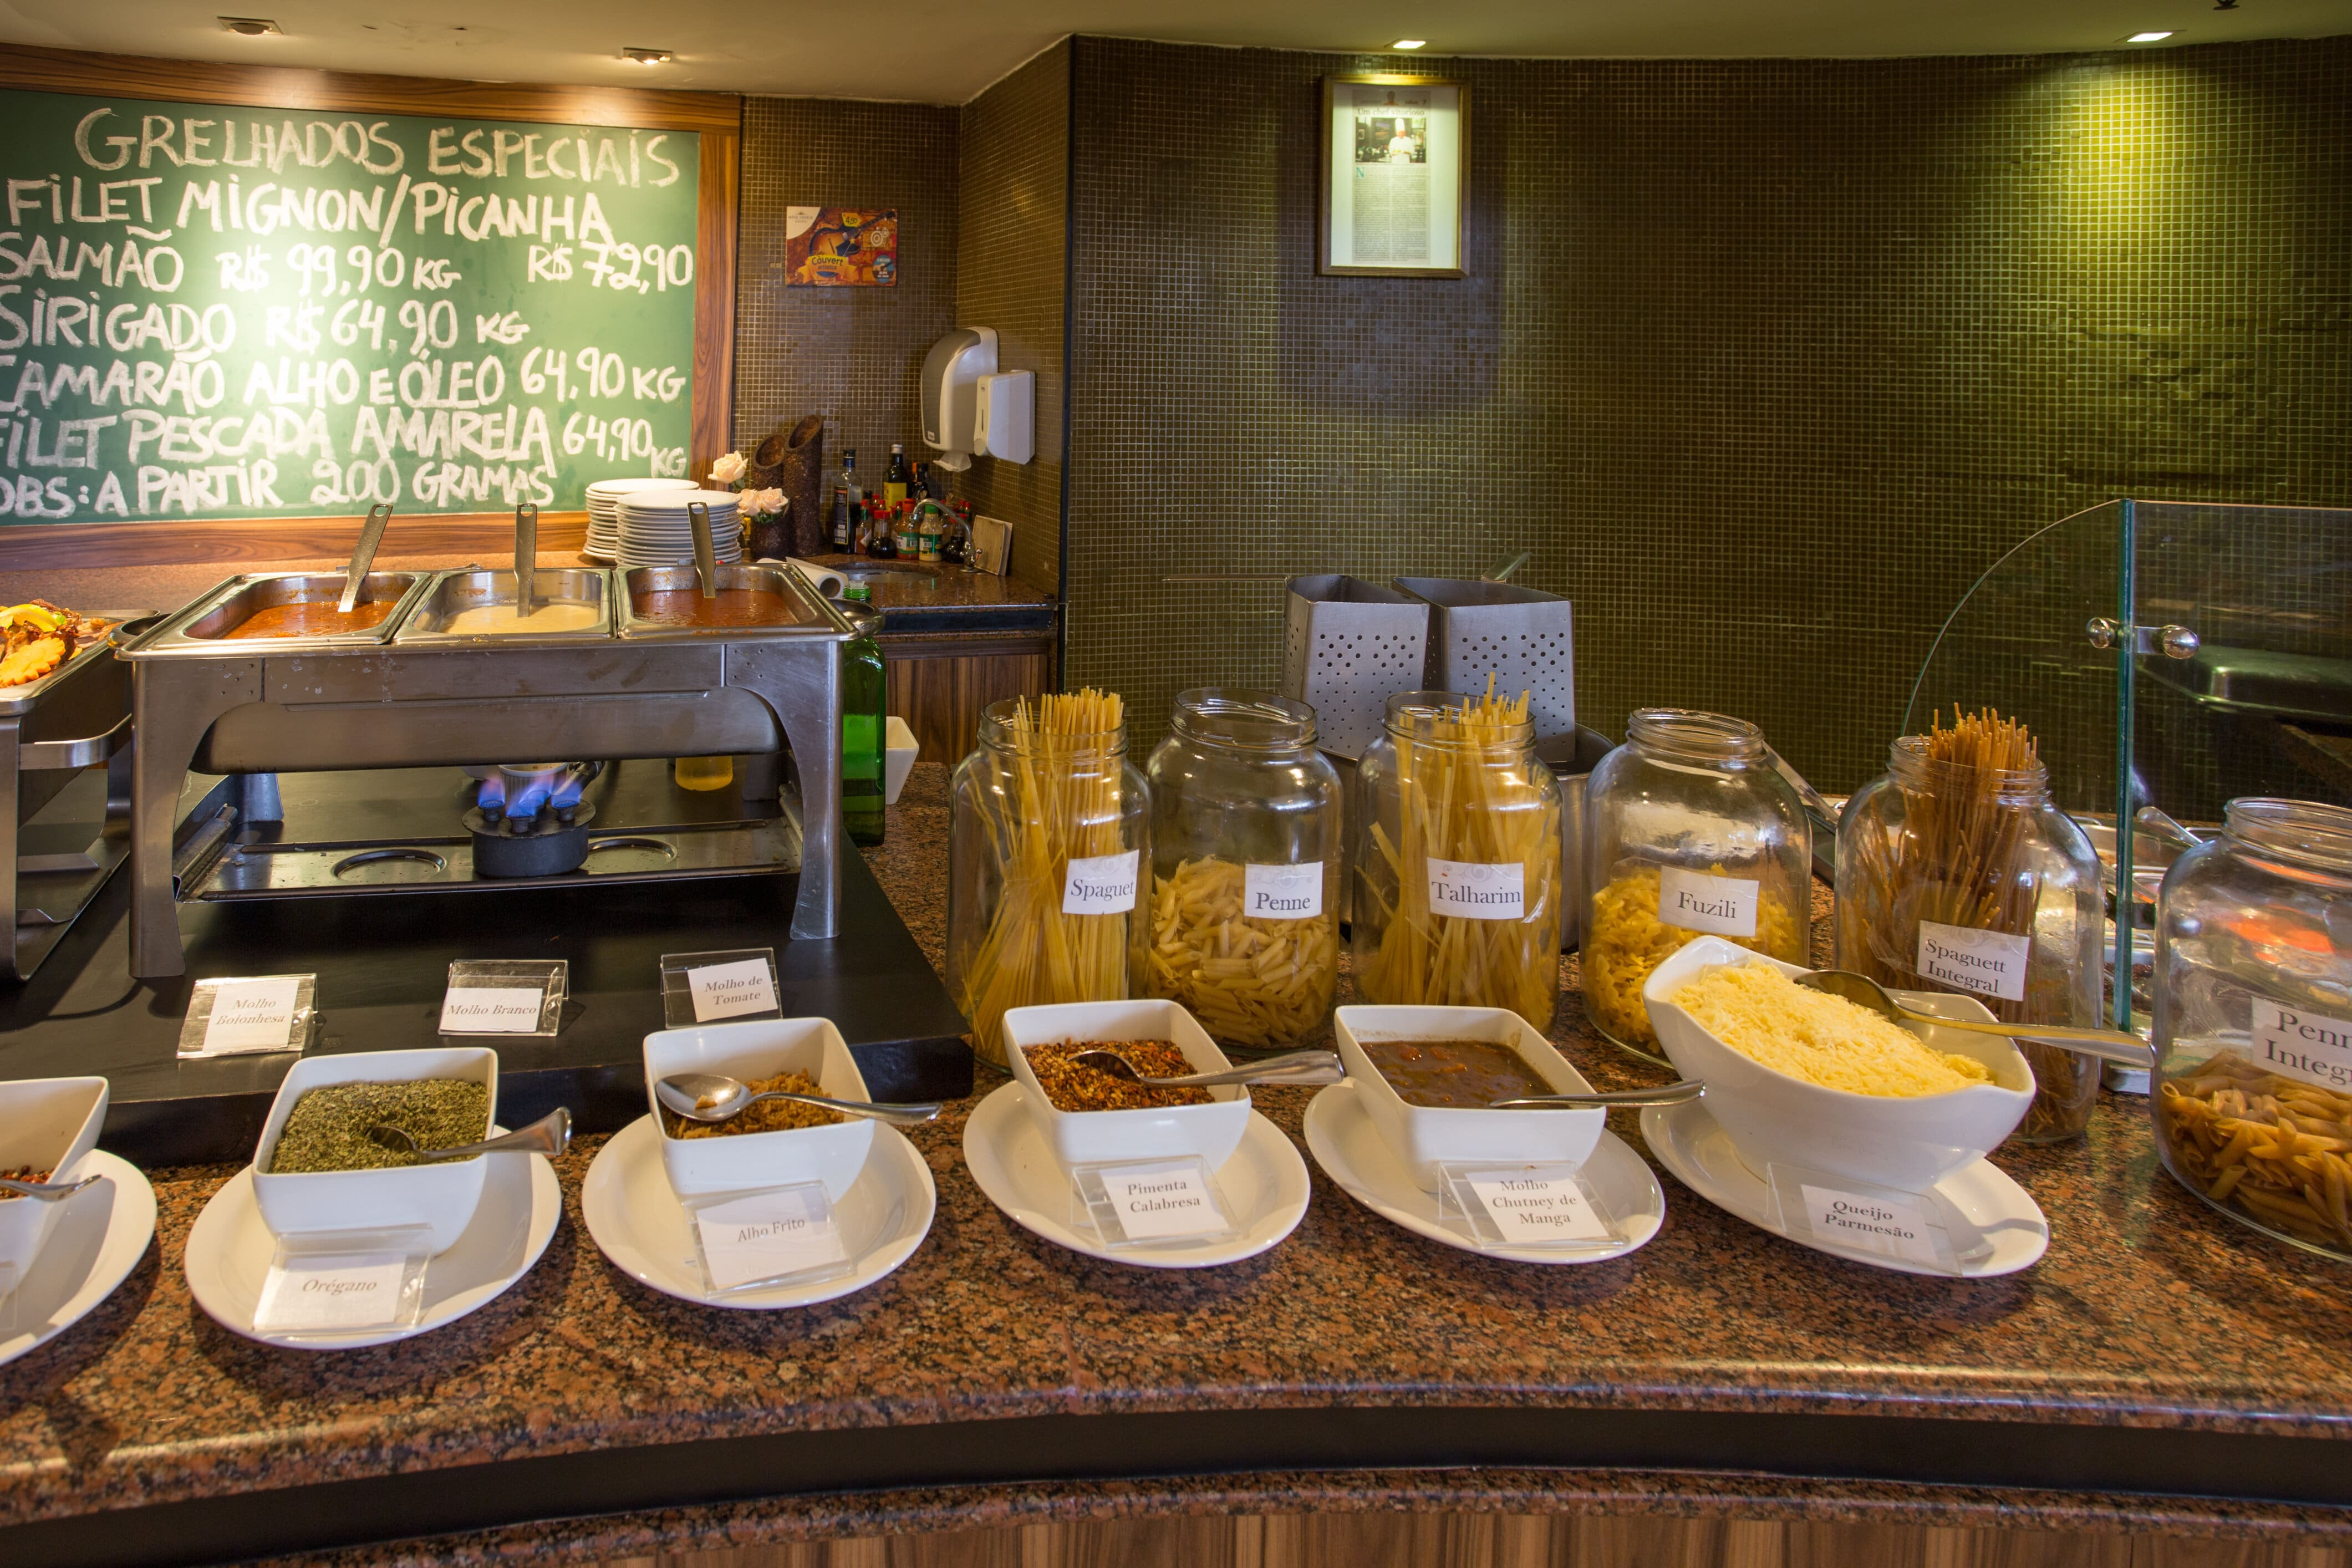 Jantar Especial! Delicioso Buffet completo e variado, com opções de entradas, saladas refrescantes, guarnições, estação de massas e sobremesas diversas de R$45,40 por apenas R$38,59 no Restaurante Brasil Tropical